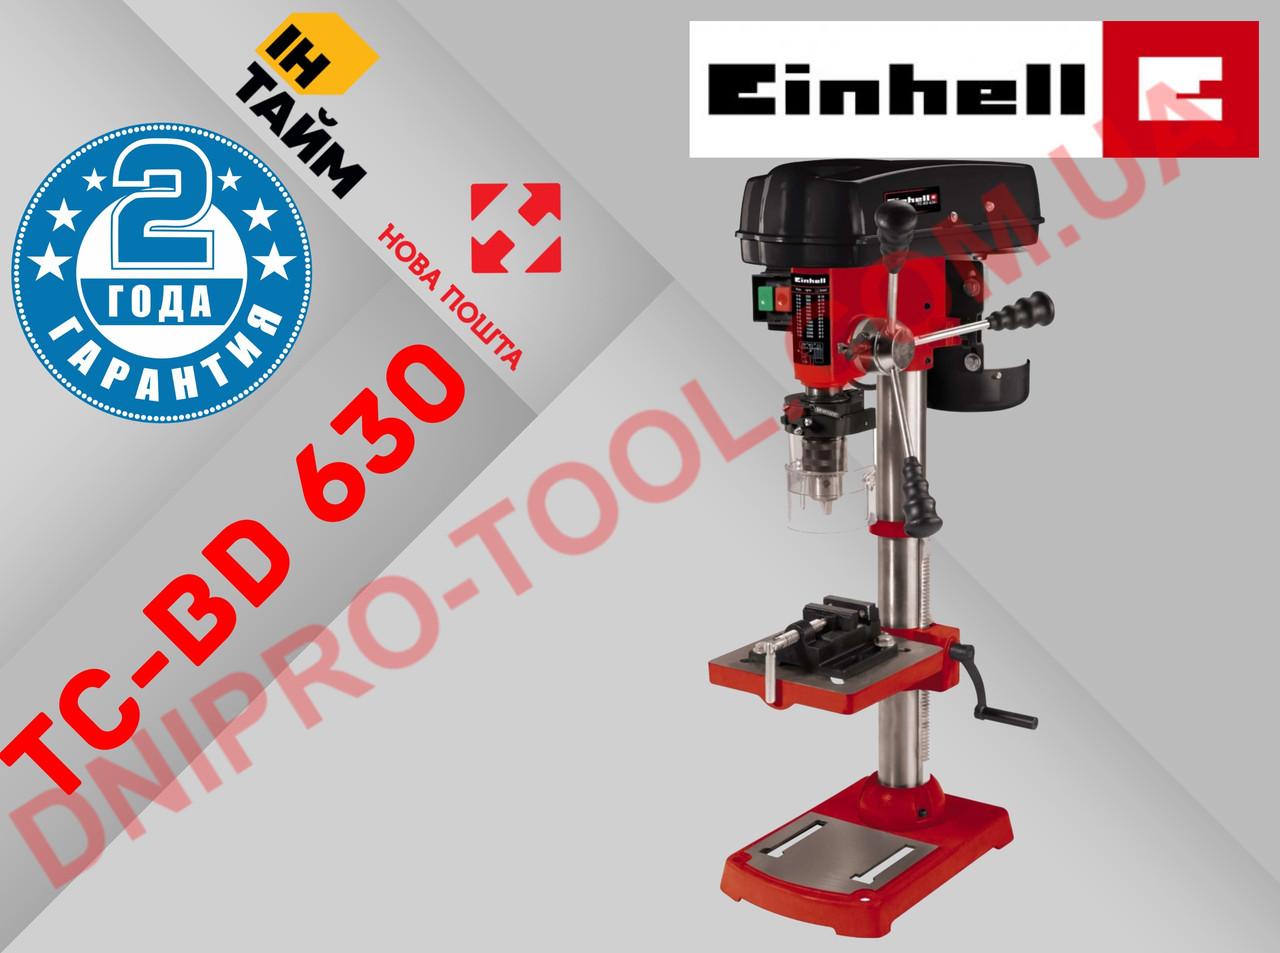 Настольный сверлильный станок Einhell TC-BD 630 (350 Германия)